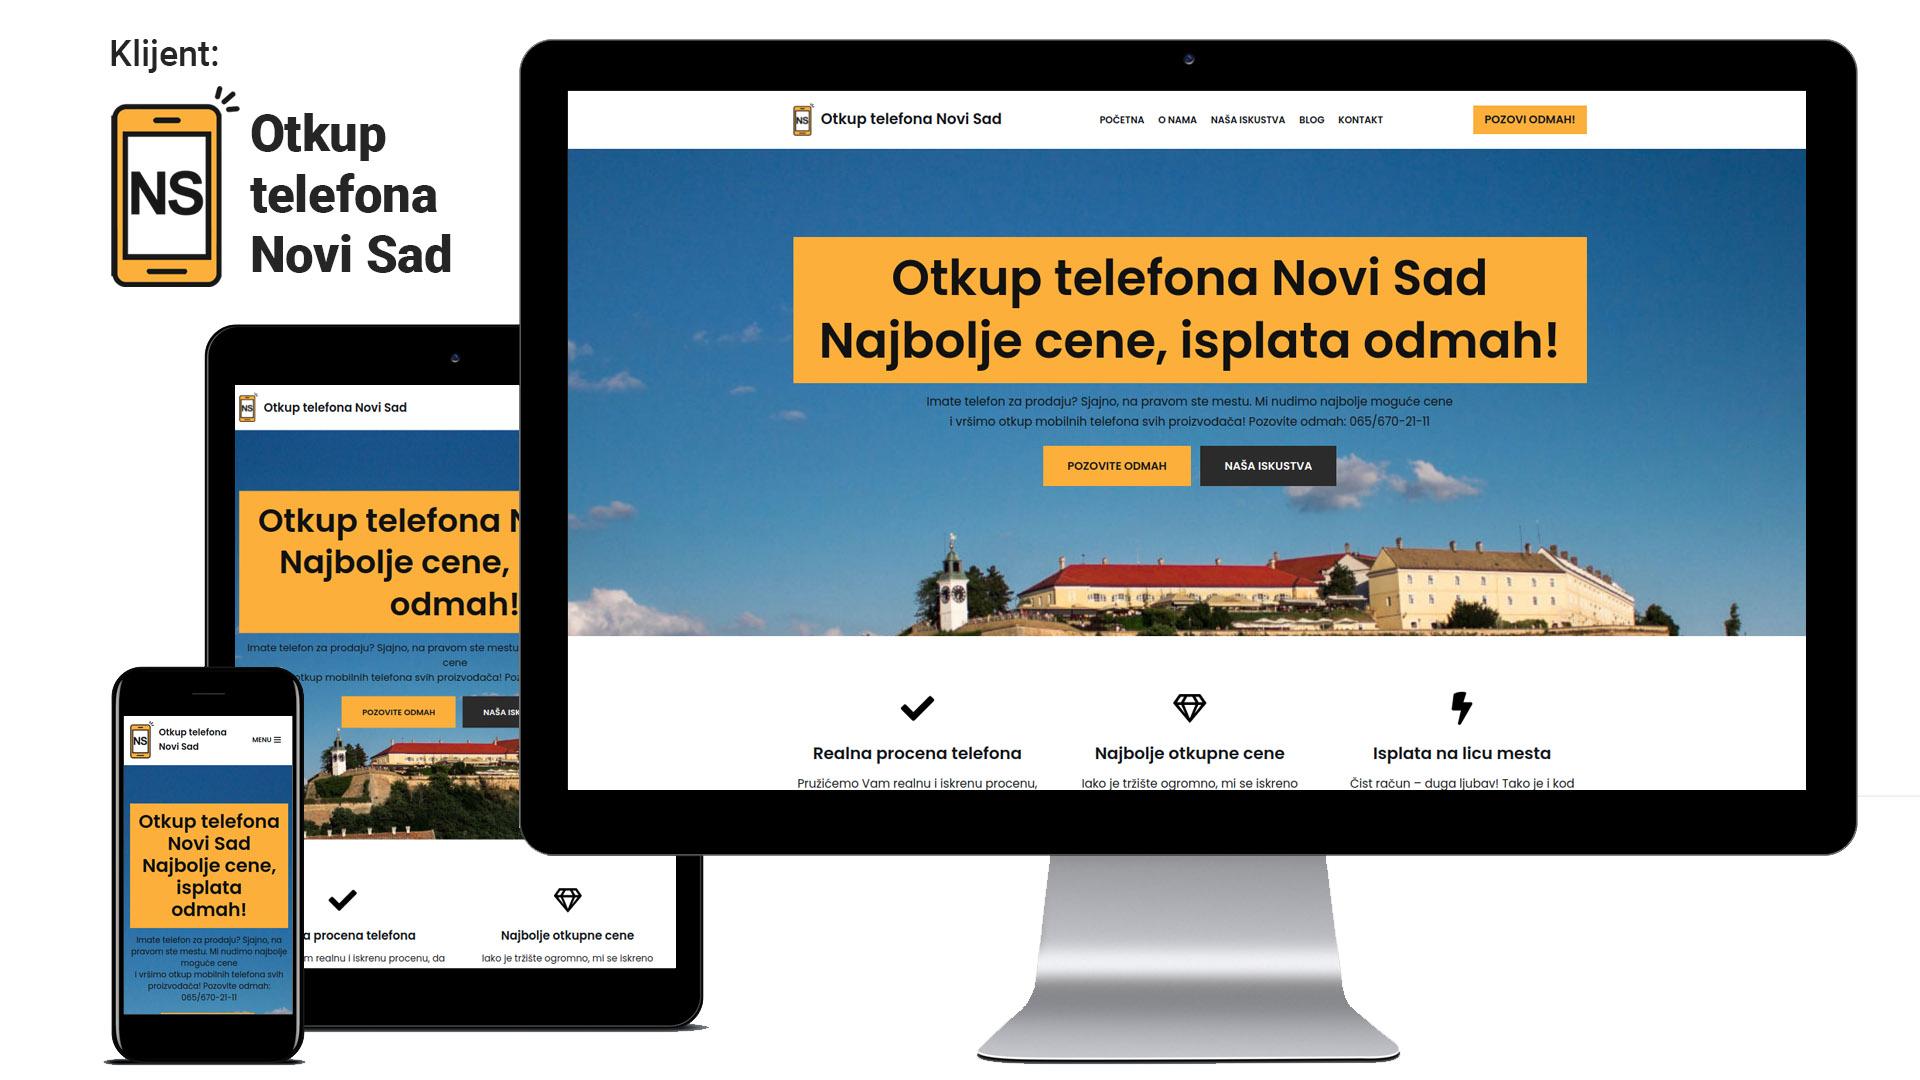 Otkup telefona Novi Sad - novi rezultat u Google pretrazi